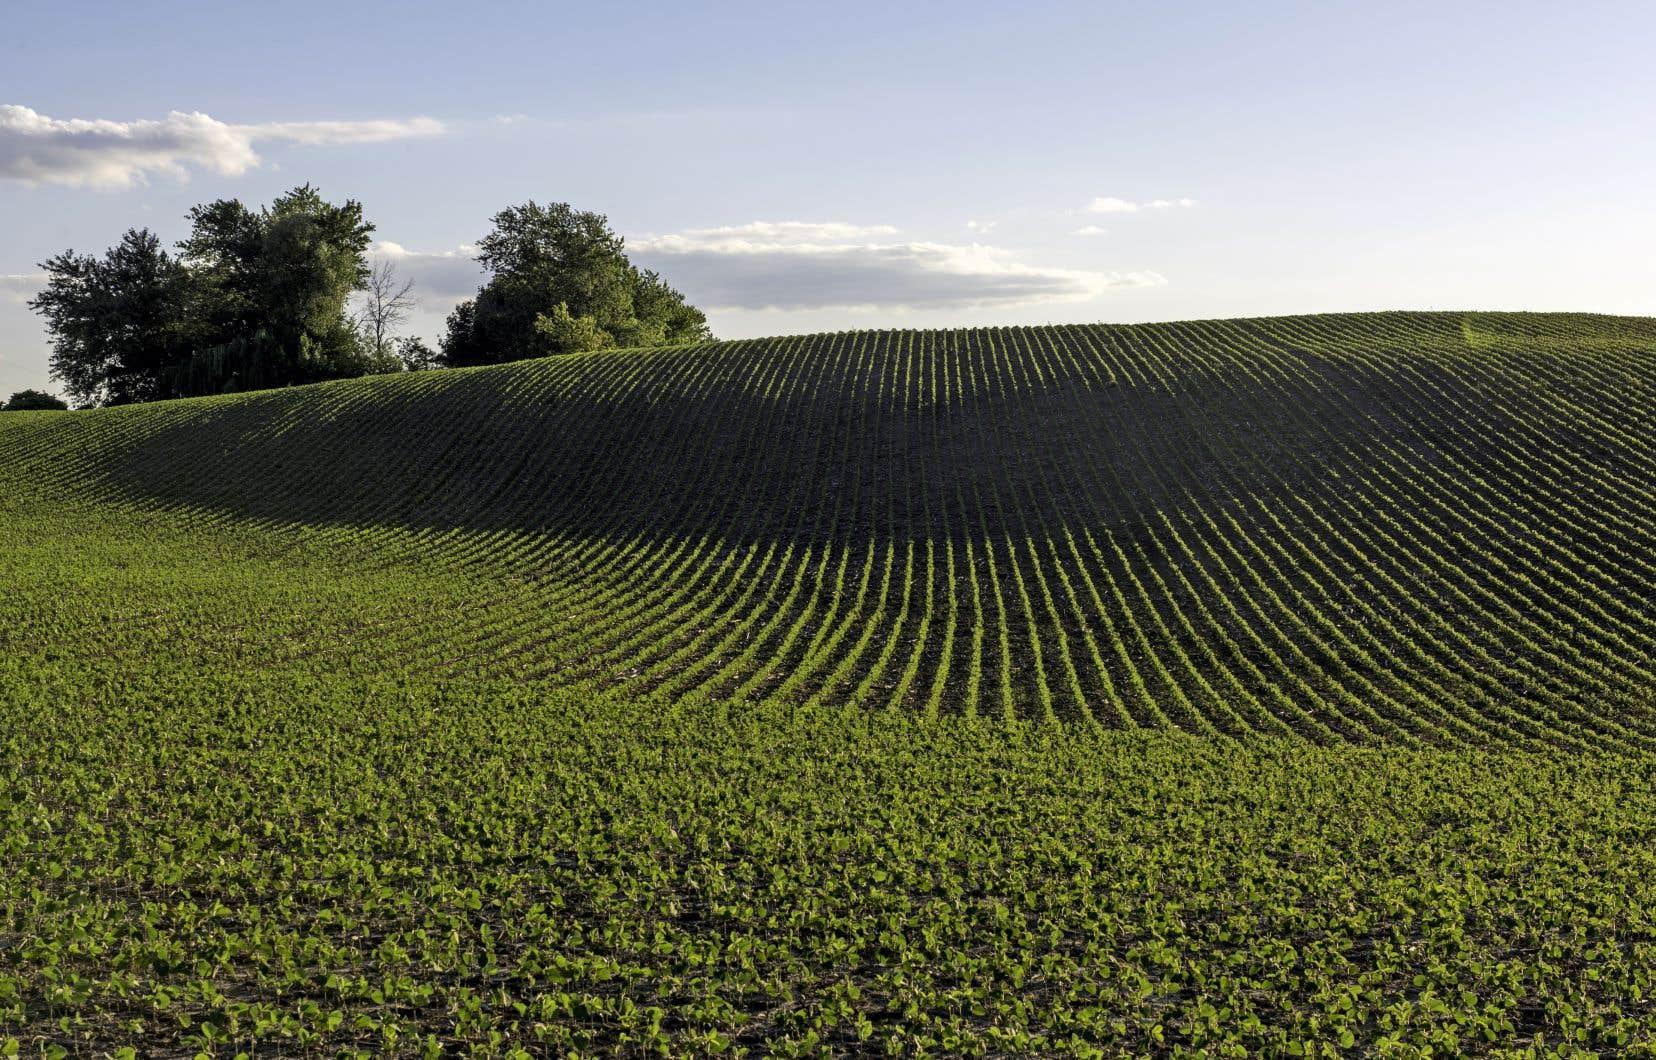 Au Québec, plus de la moitié du soya cultivé a ses semences enrobées de néonicotinoïdes,pourtant considérés comme les plus dangereux pesticides pour la santé humaine et pour l'environnement.